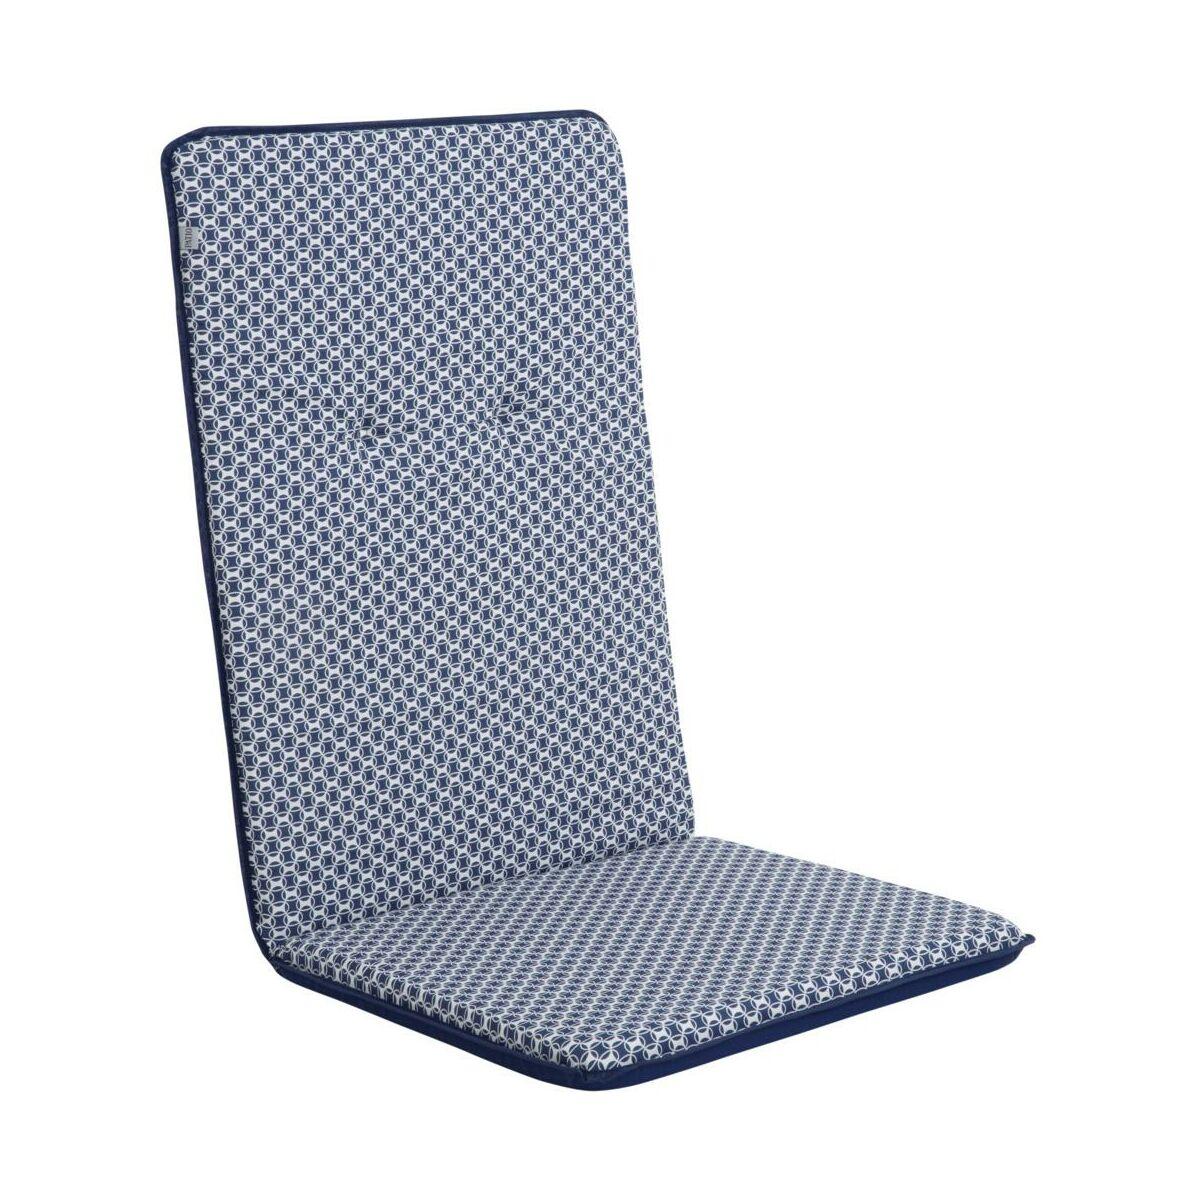 Poduszka Na Krzeslo 50 X 115 X 4 Cm Mona Granatowa Patio Poduszki Na Meble Ogrodowe W Atrakcyjnej Cenie W Sklepach Leroy Merlin